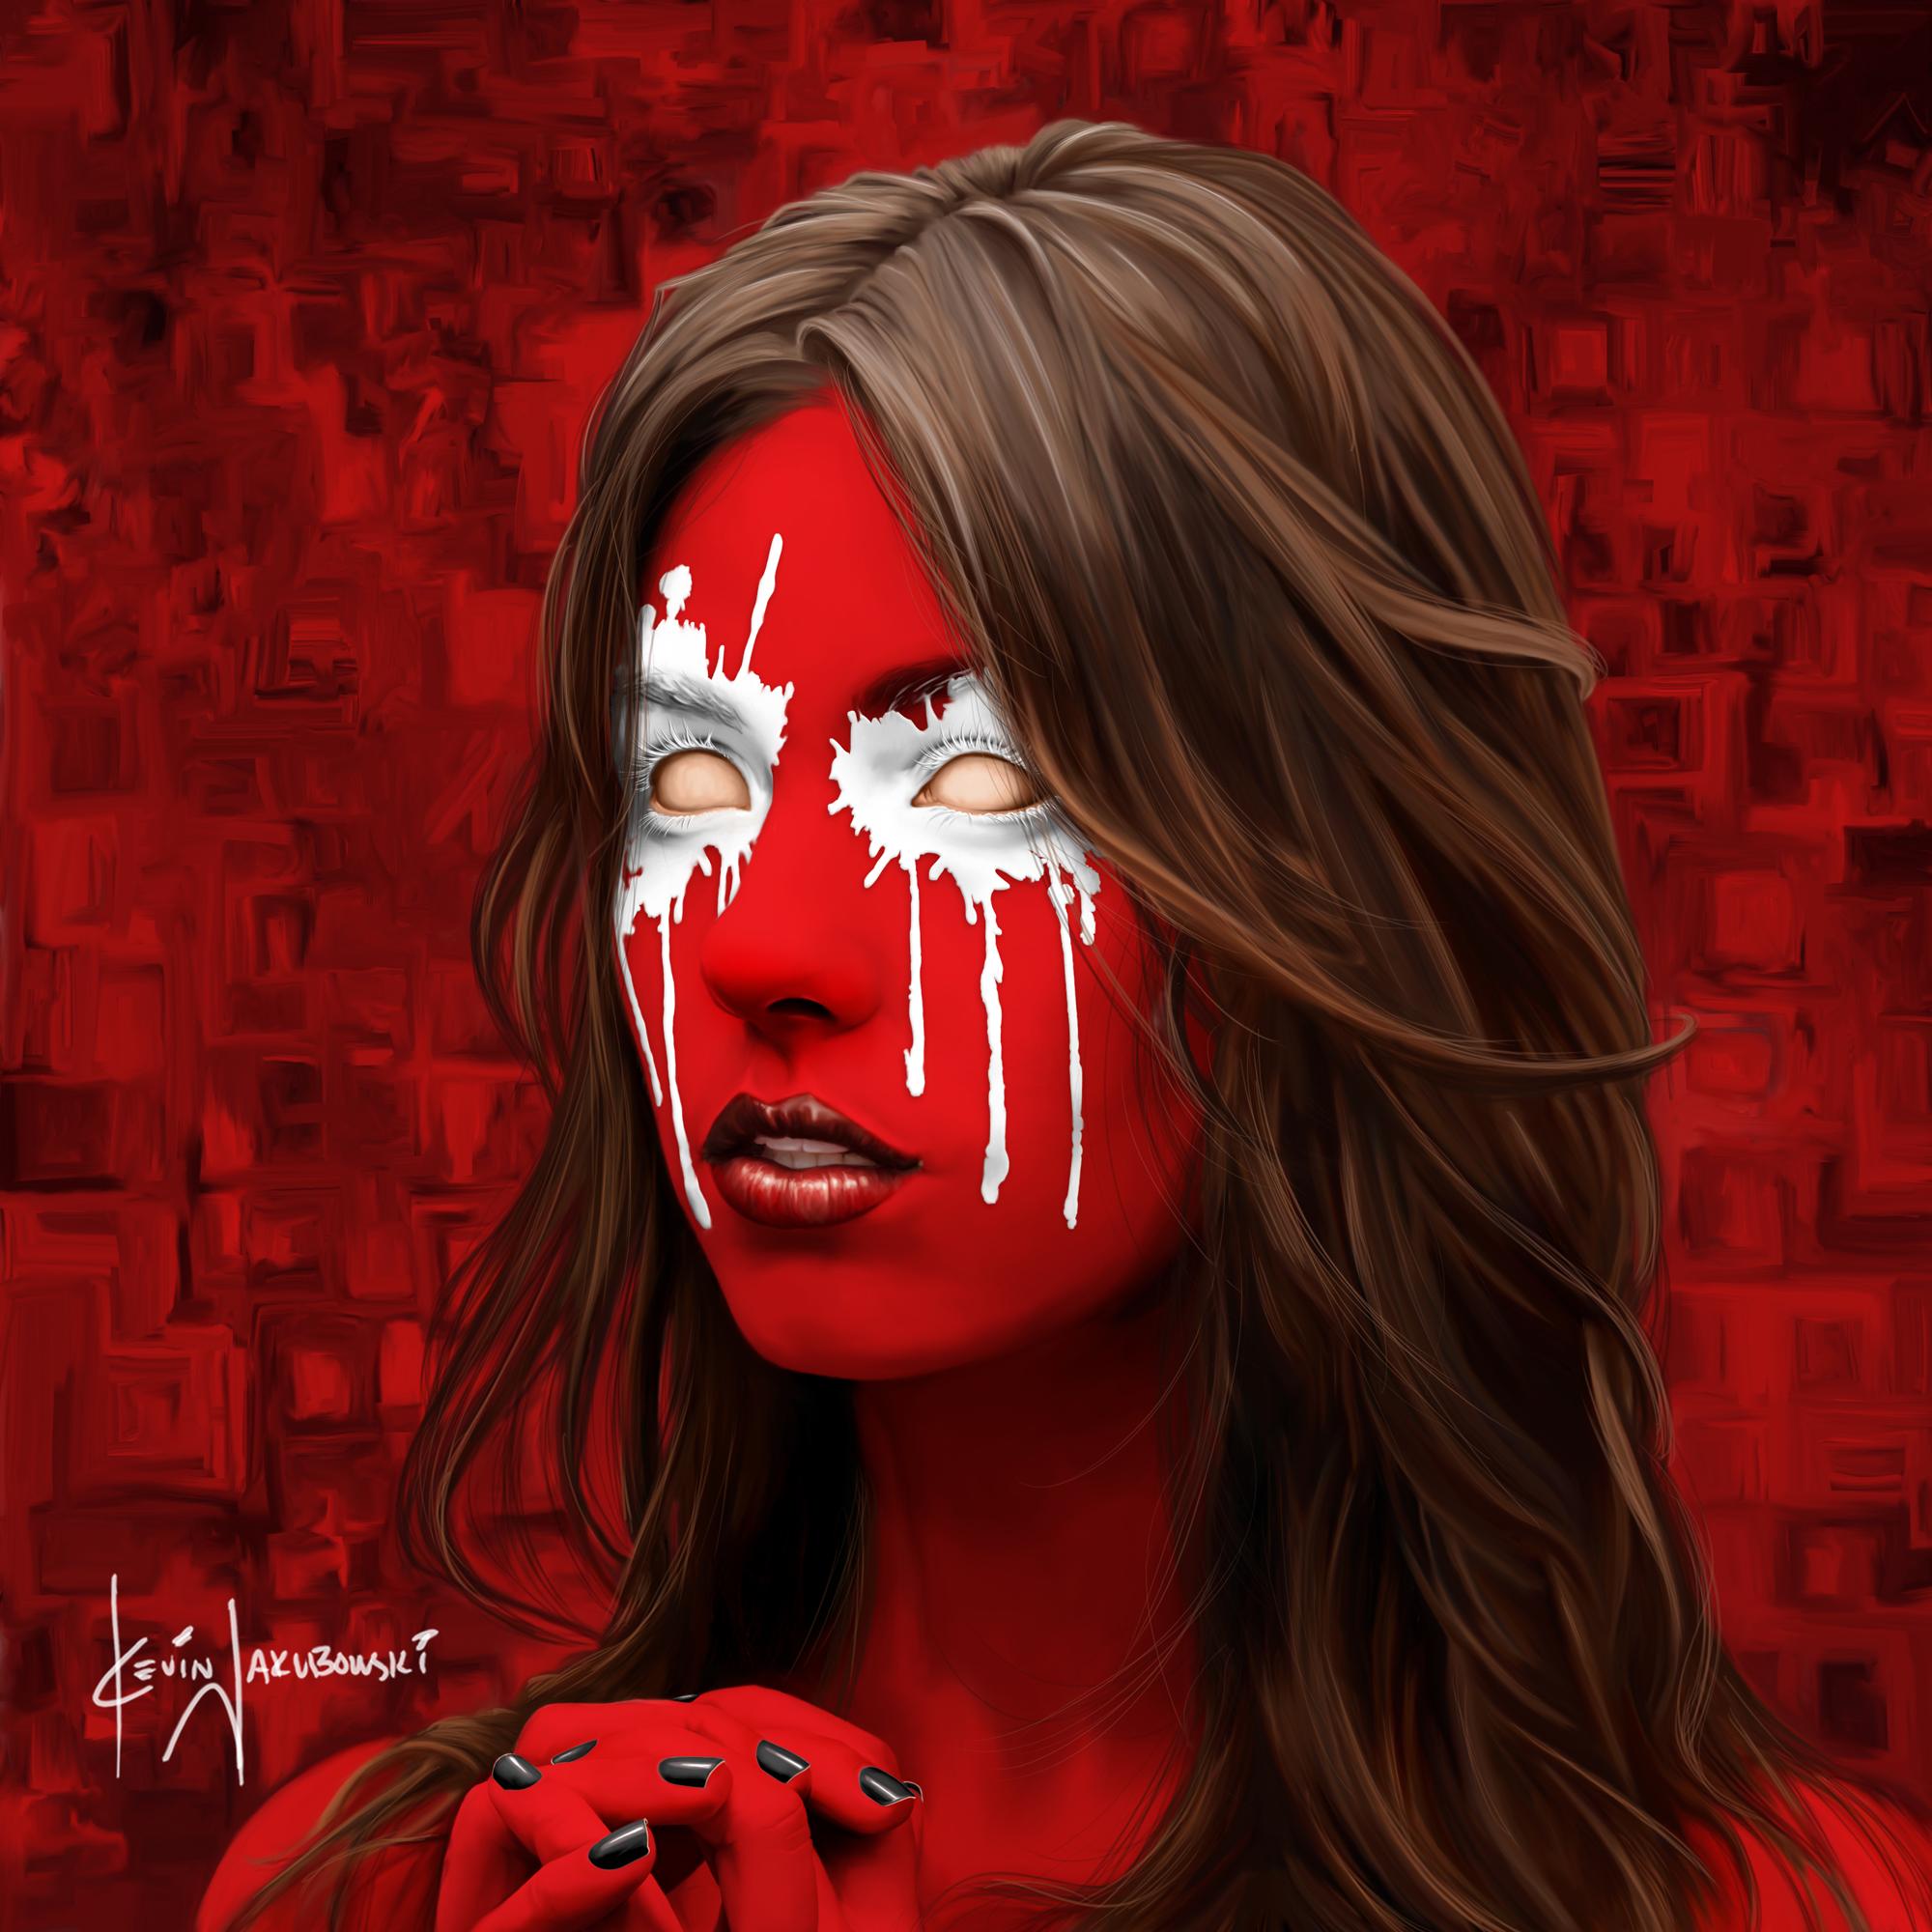 menacing-girl-2000px.jpg